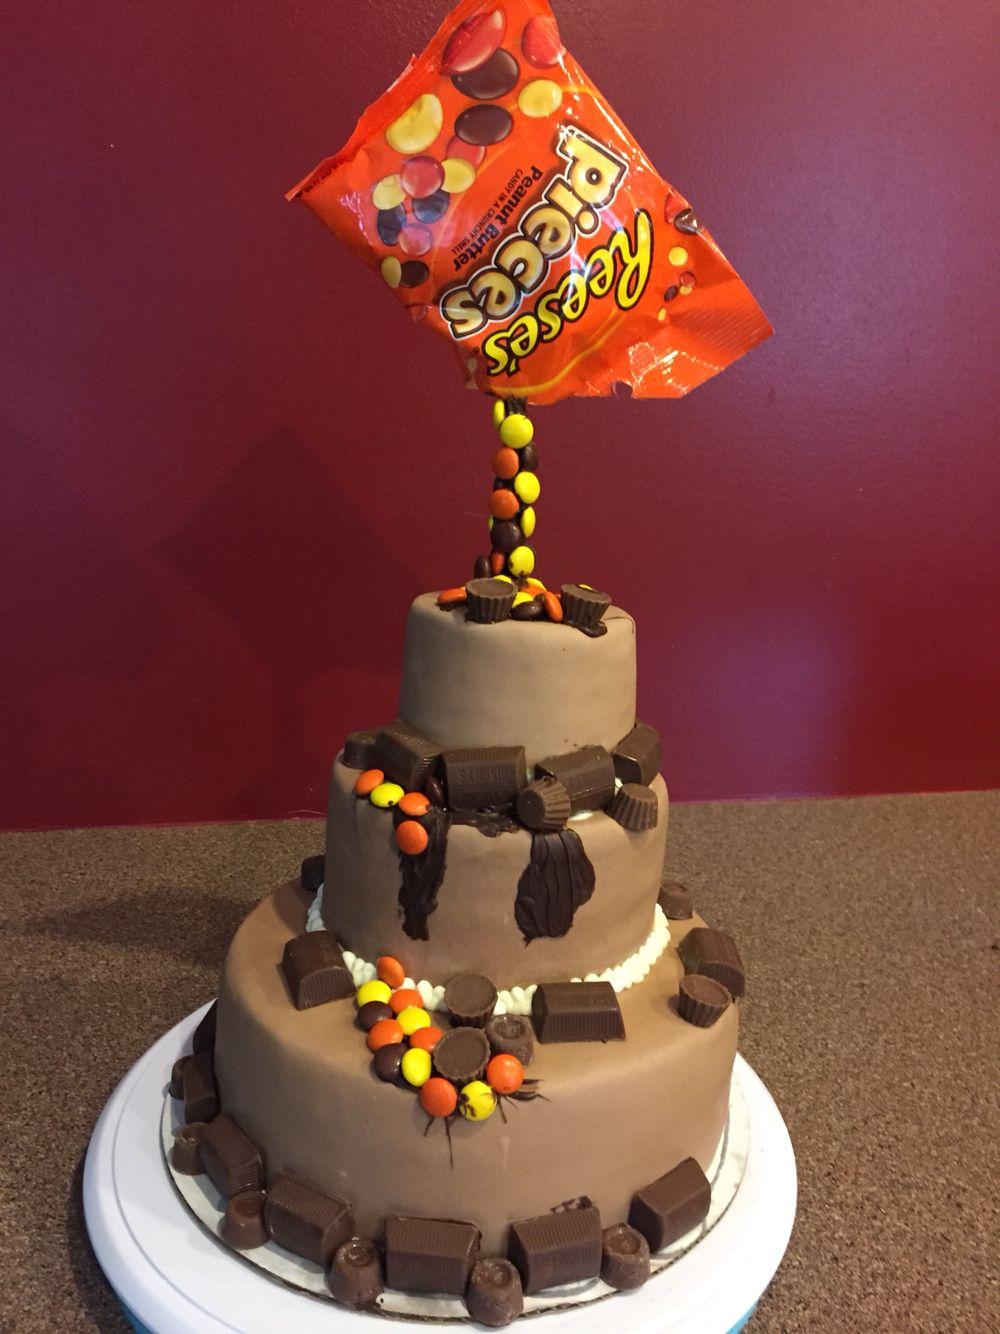 Gravity defying reese cake reeses cake cake desserts